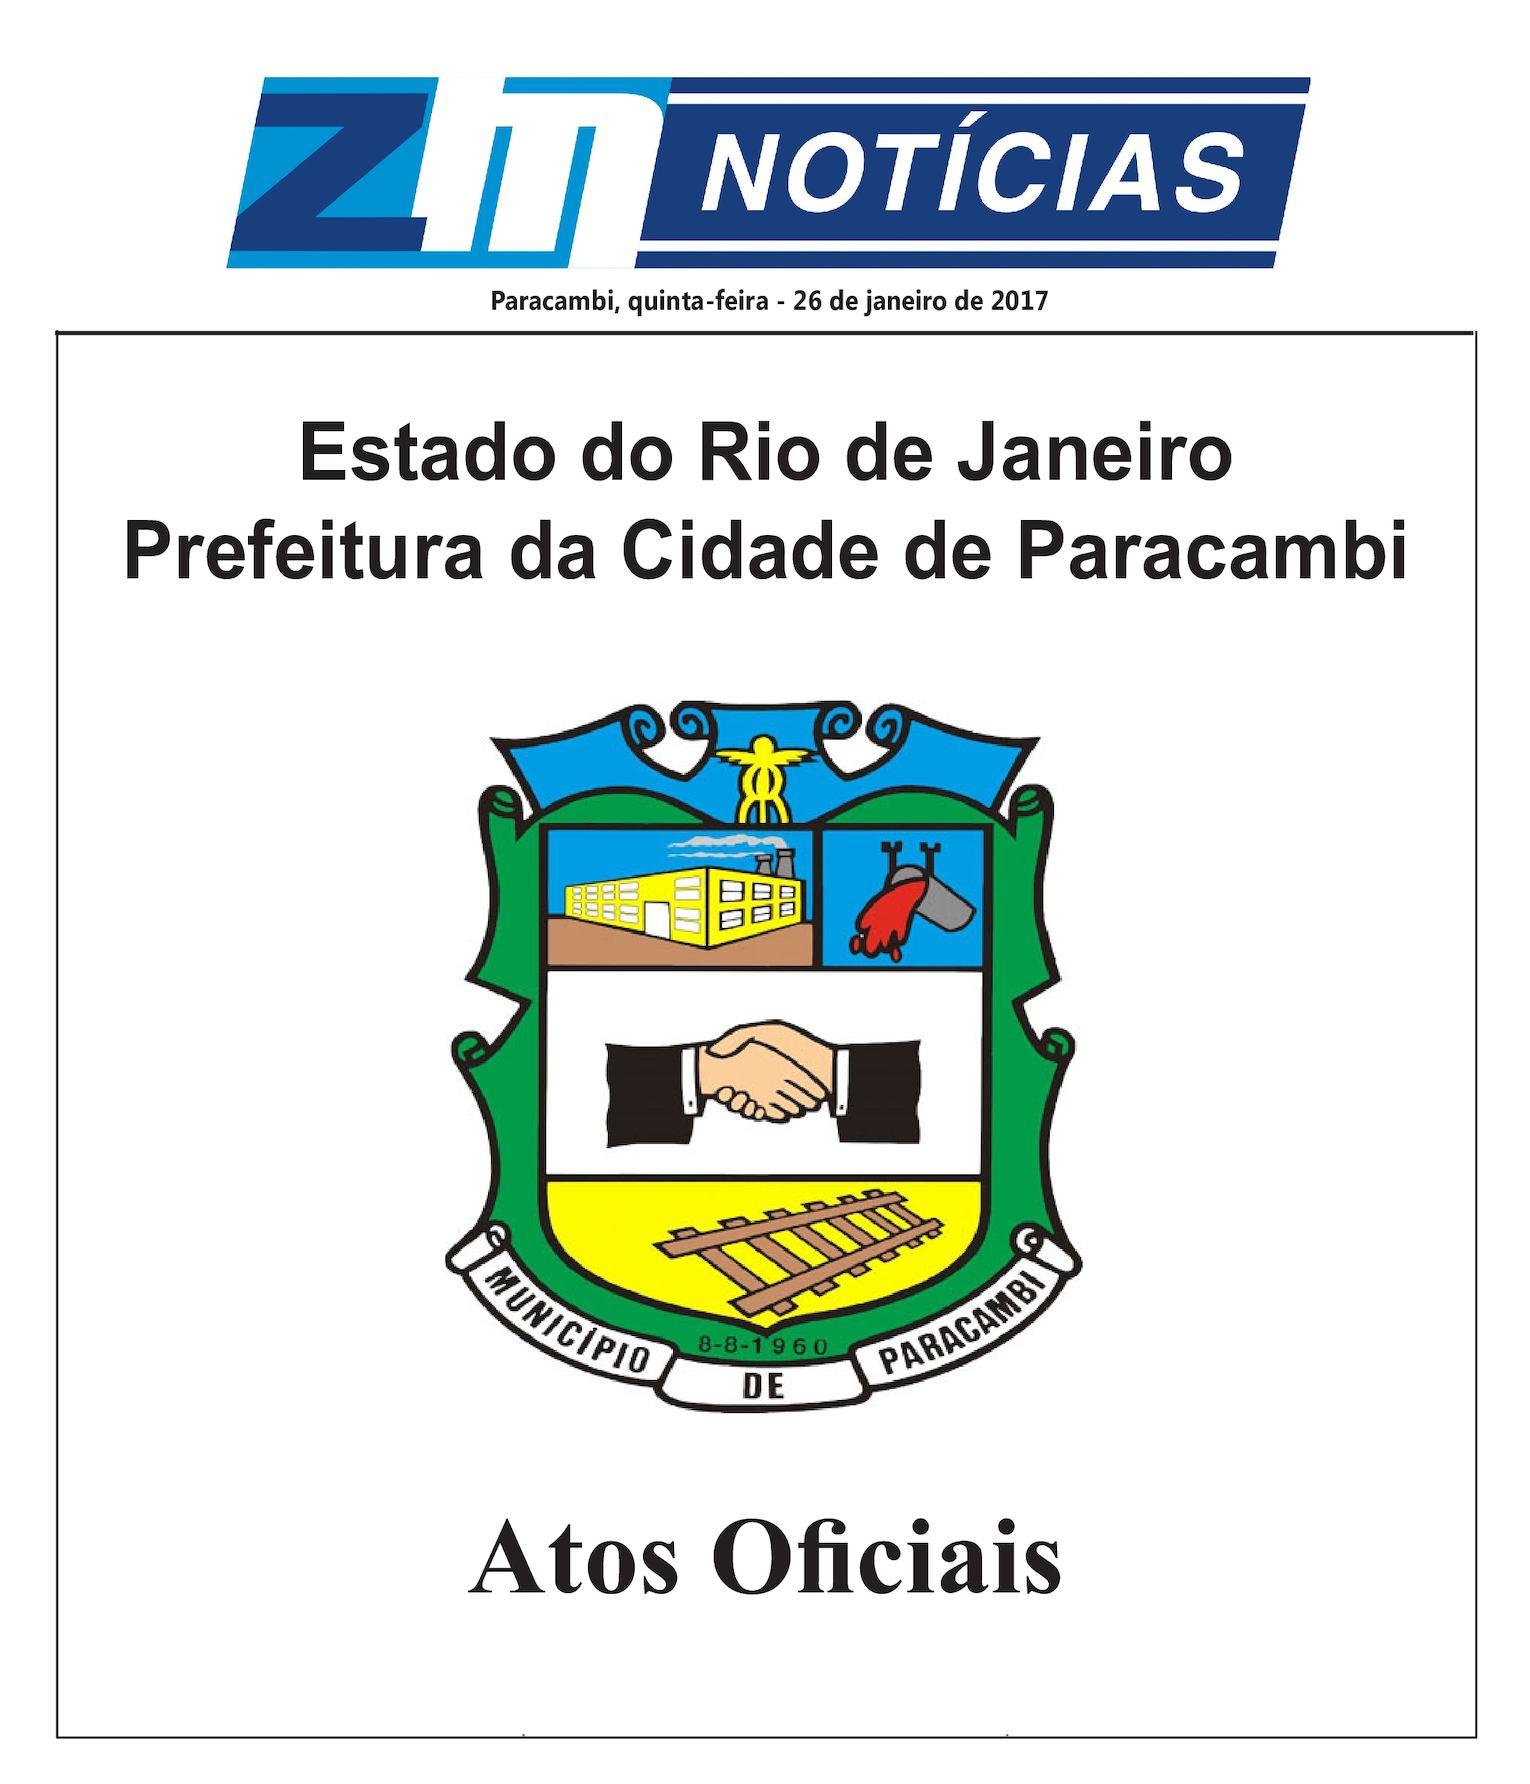 P M P Atos Oficiais 260117